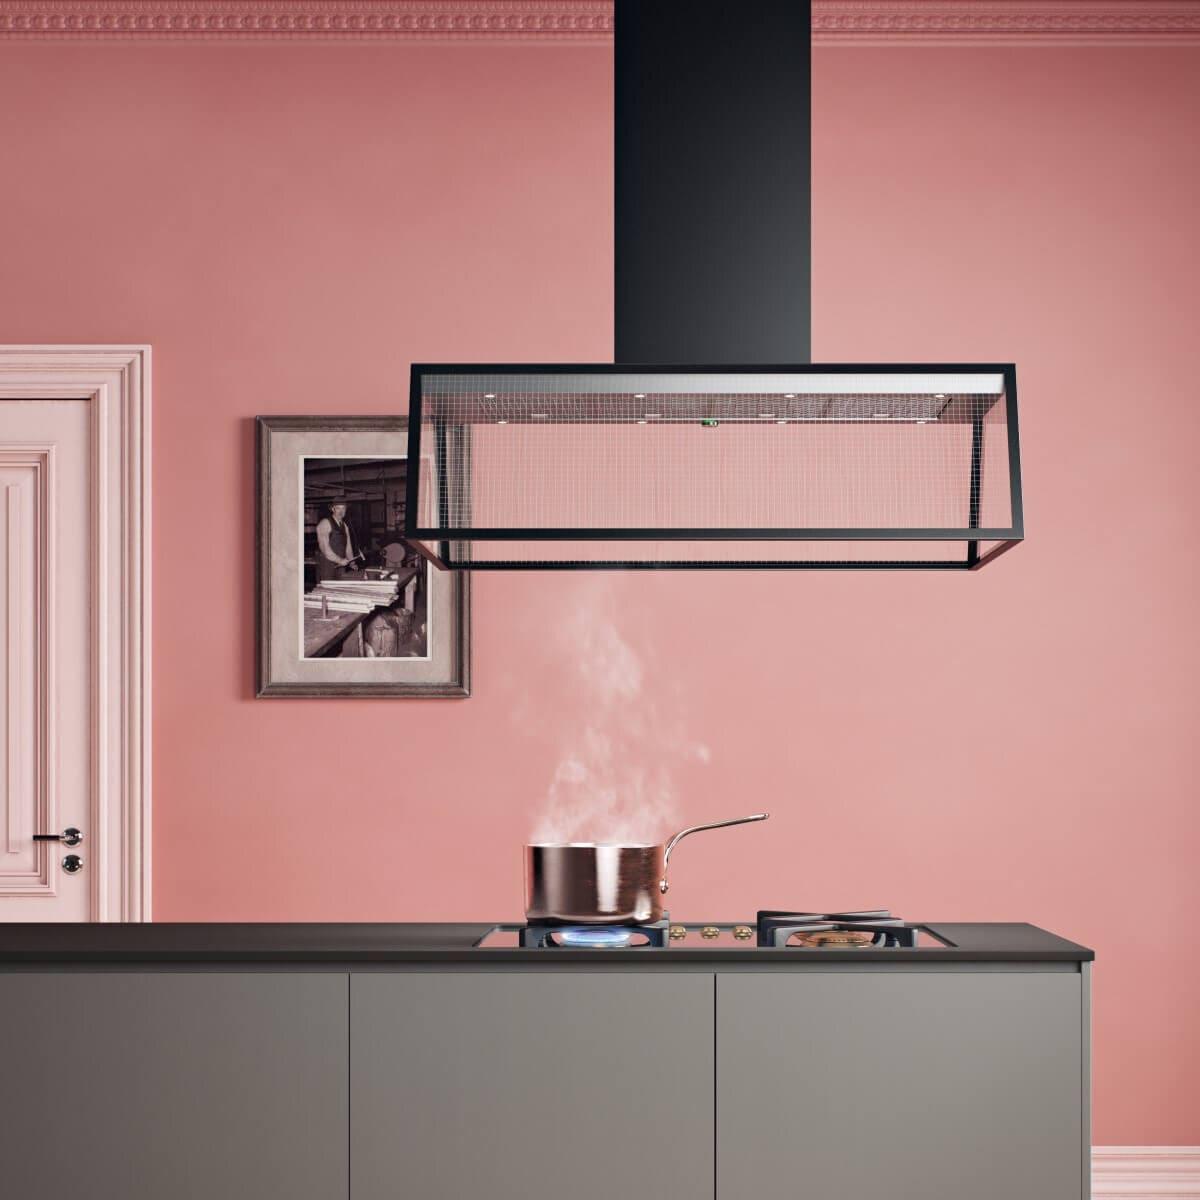 Frihängande köksfläkten Prisma i svart utförande ovanför köksö i minimalistisk kök med rosa toner.